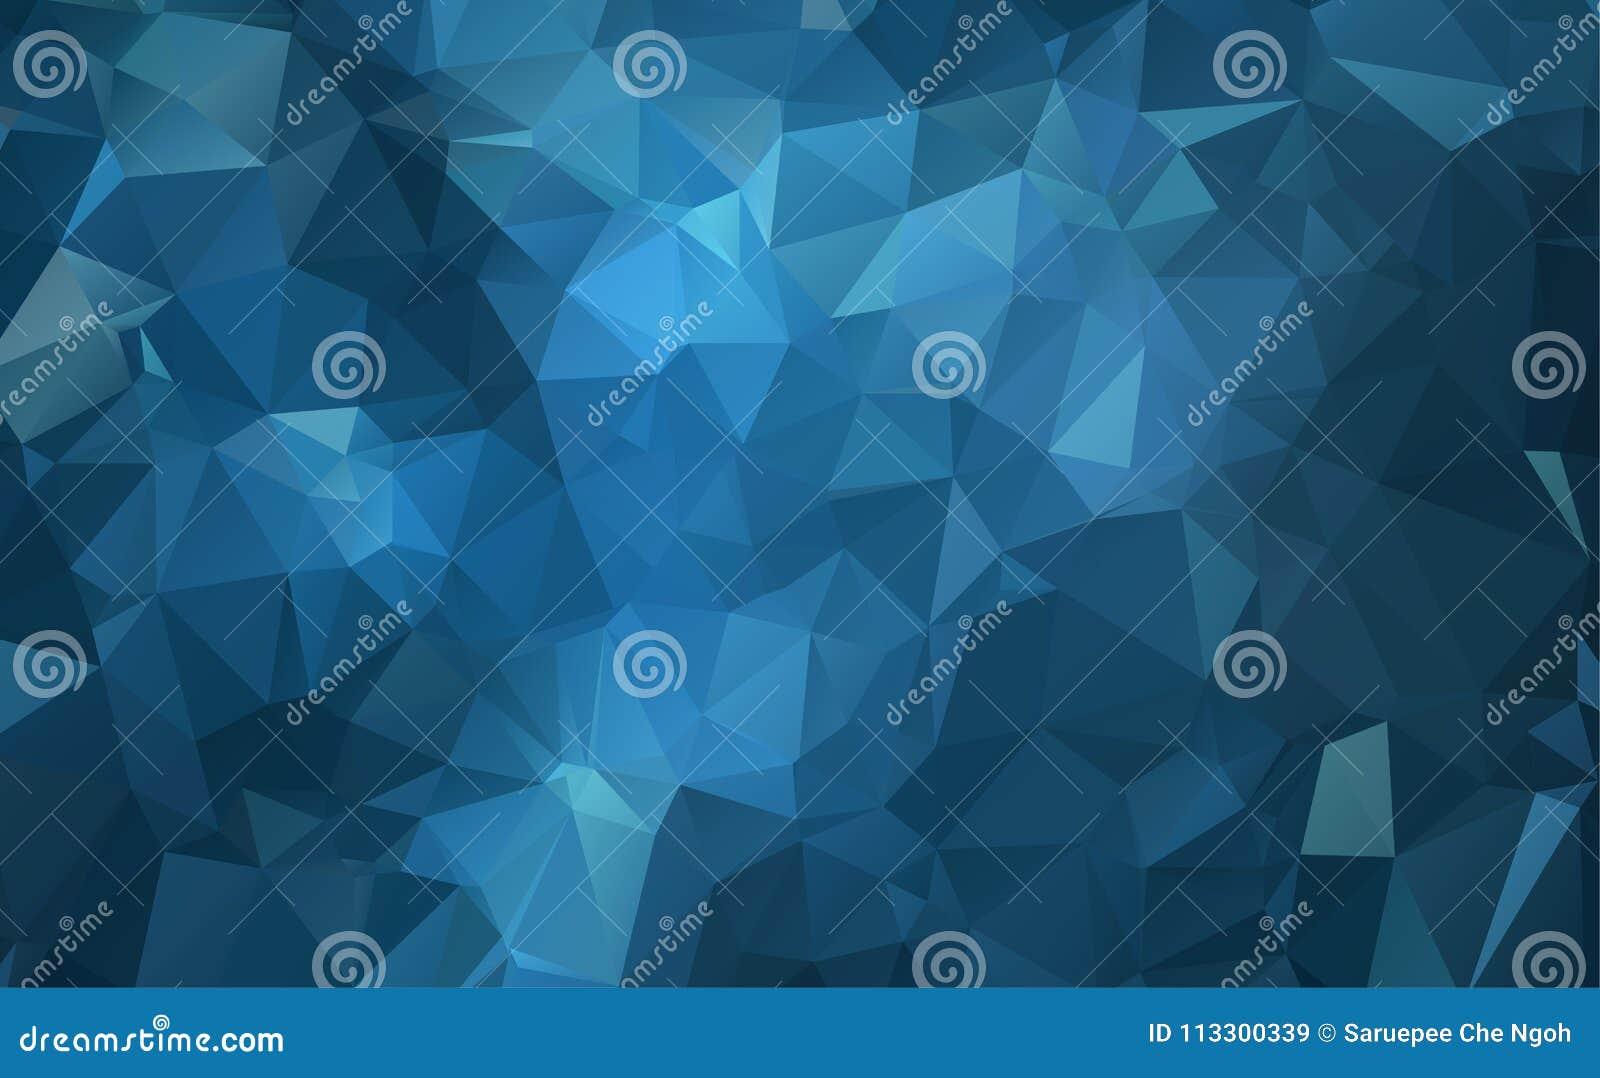 De vectorachtergrond van de Veelhoek Abstracte moderne Veelhoekige Geometrische Driehoek Donkerblauwe Geometrische Driehoeksachte